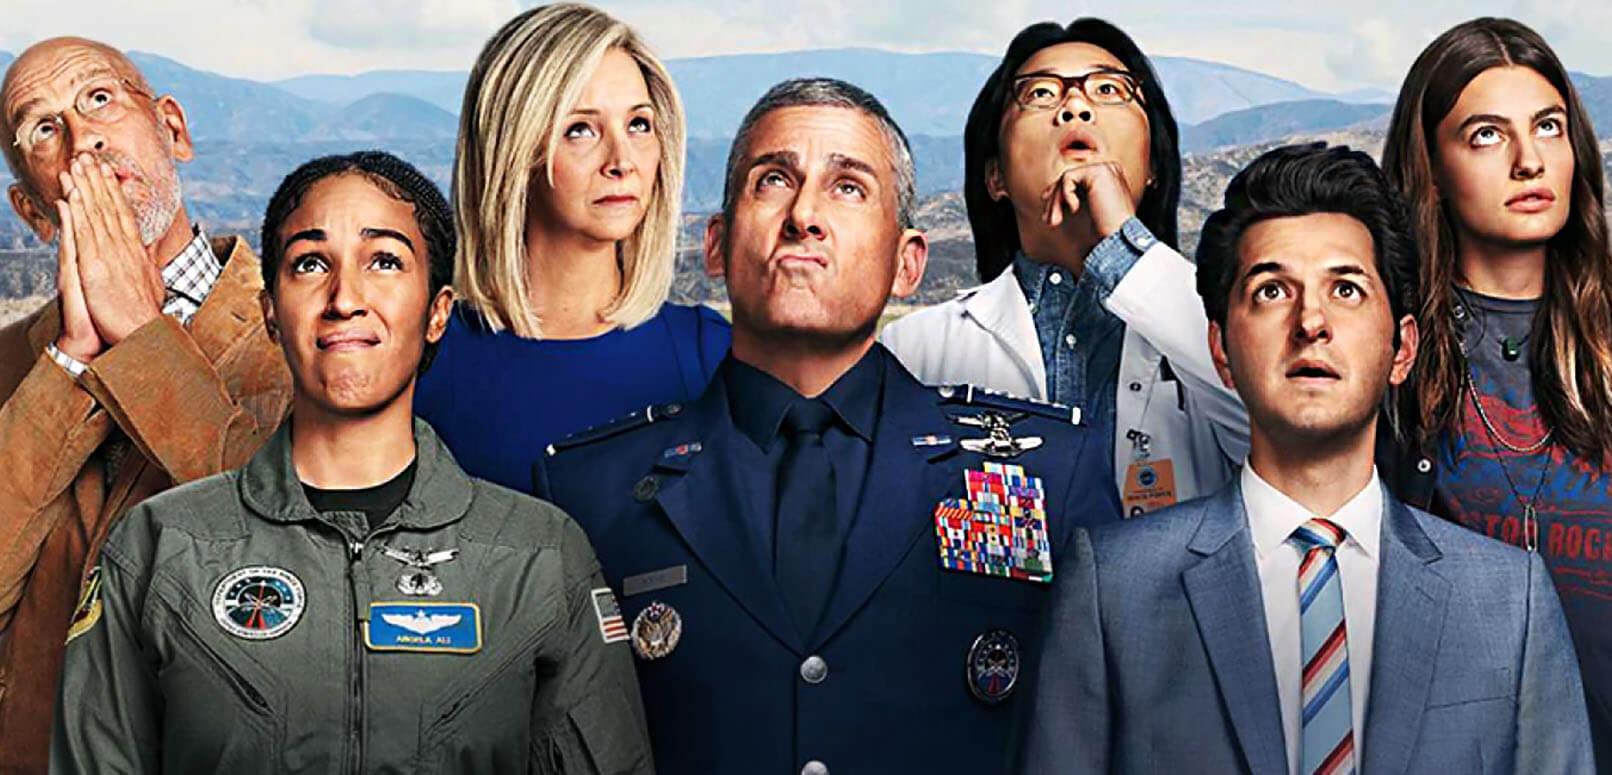 نقد فصل اول سریال نیروی فضایی Space Force – کمدی استیو کارل جذاب و سرگرمکننده است